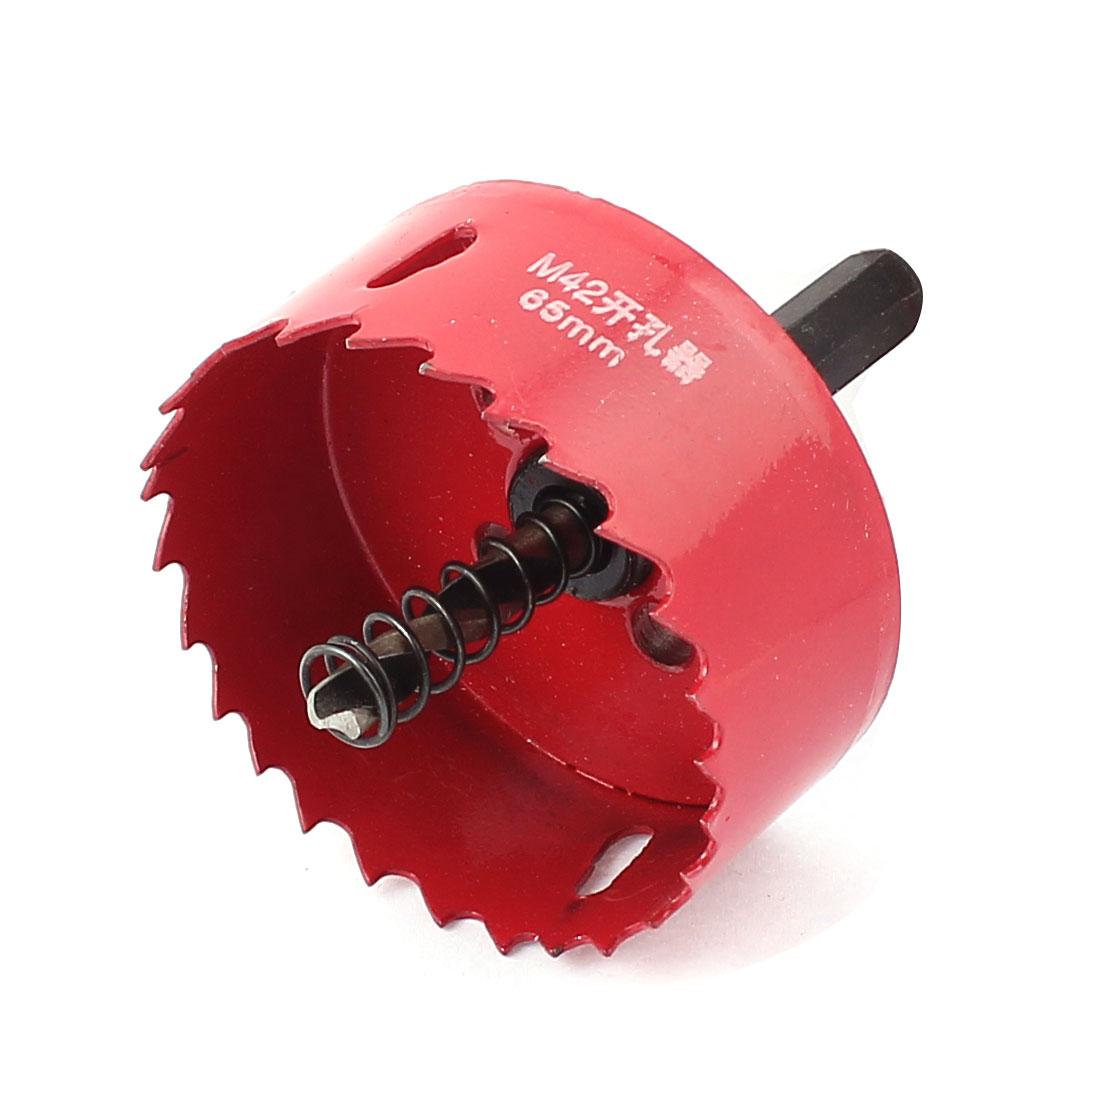 6mm Triangle Shank 65mm Dia Twist Drill Bit Metal Hole Saw Cutter